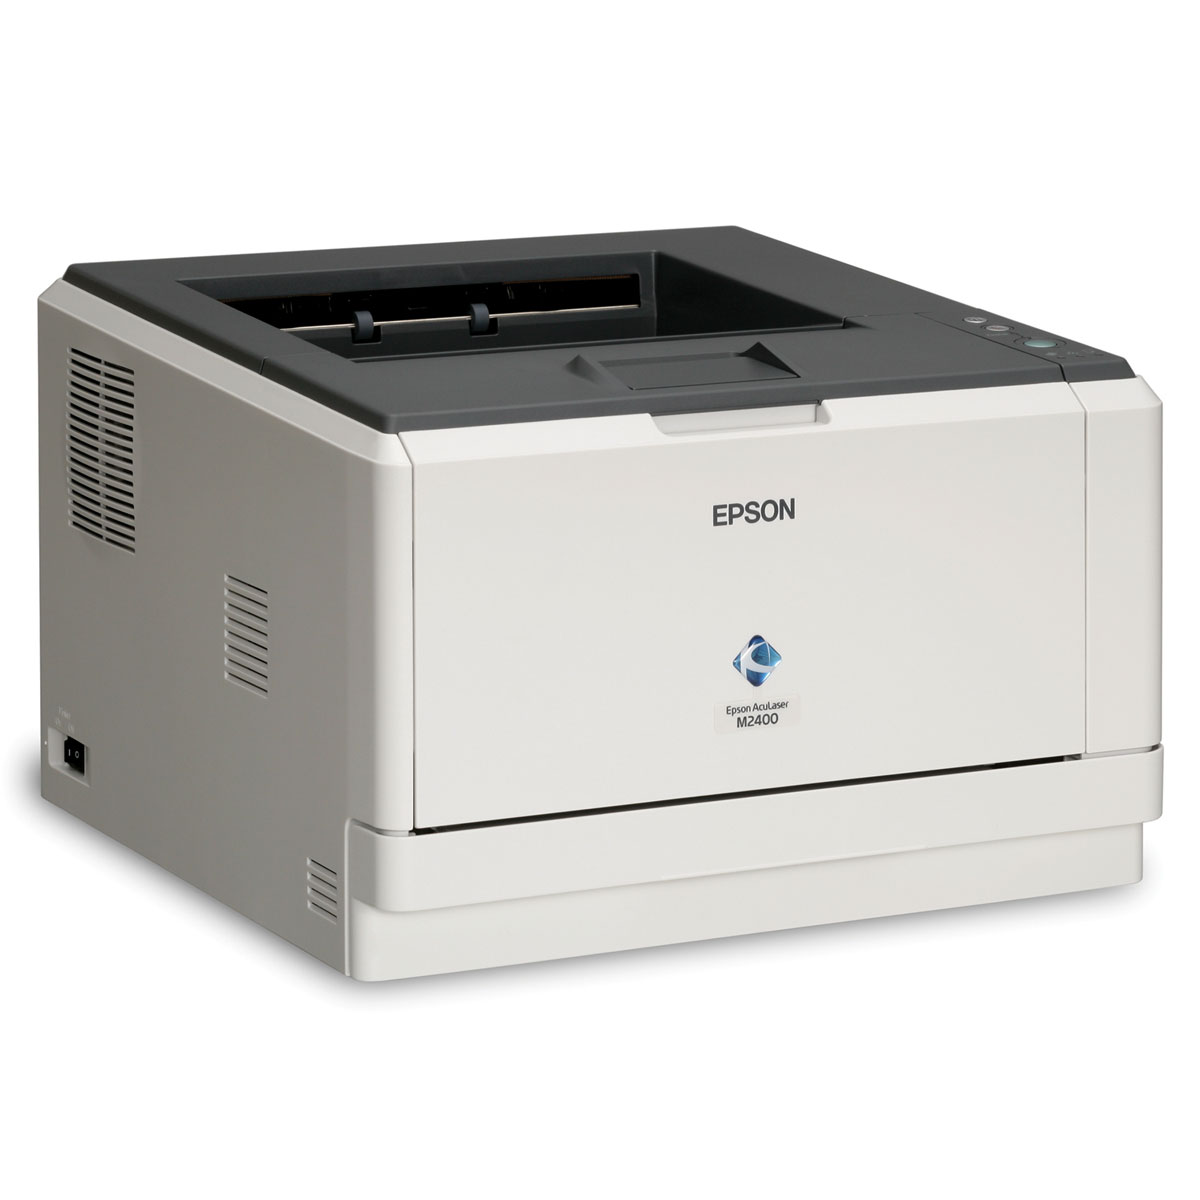 Принтер Epson AcuLaser M2400D надежное решение для развития вашего бизнеса